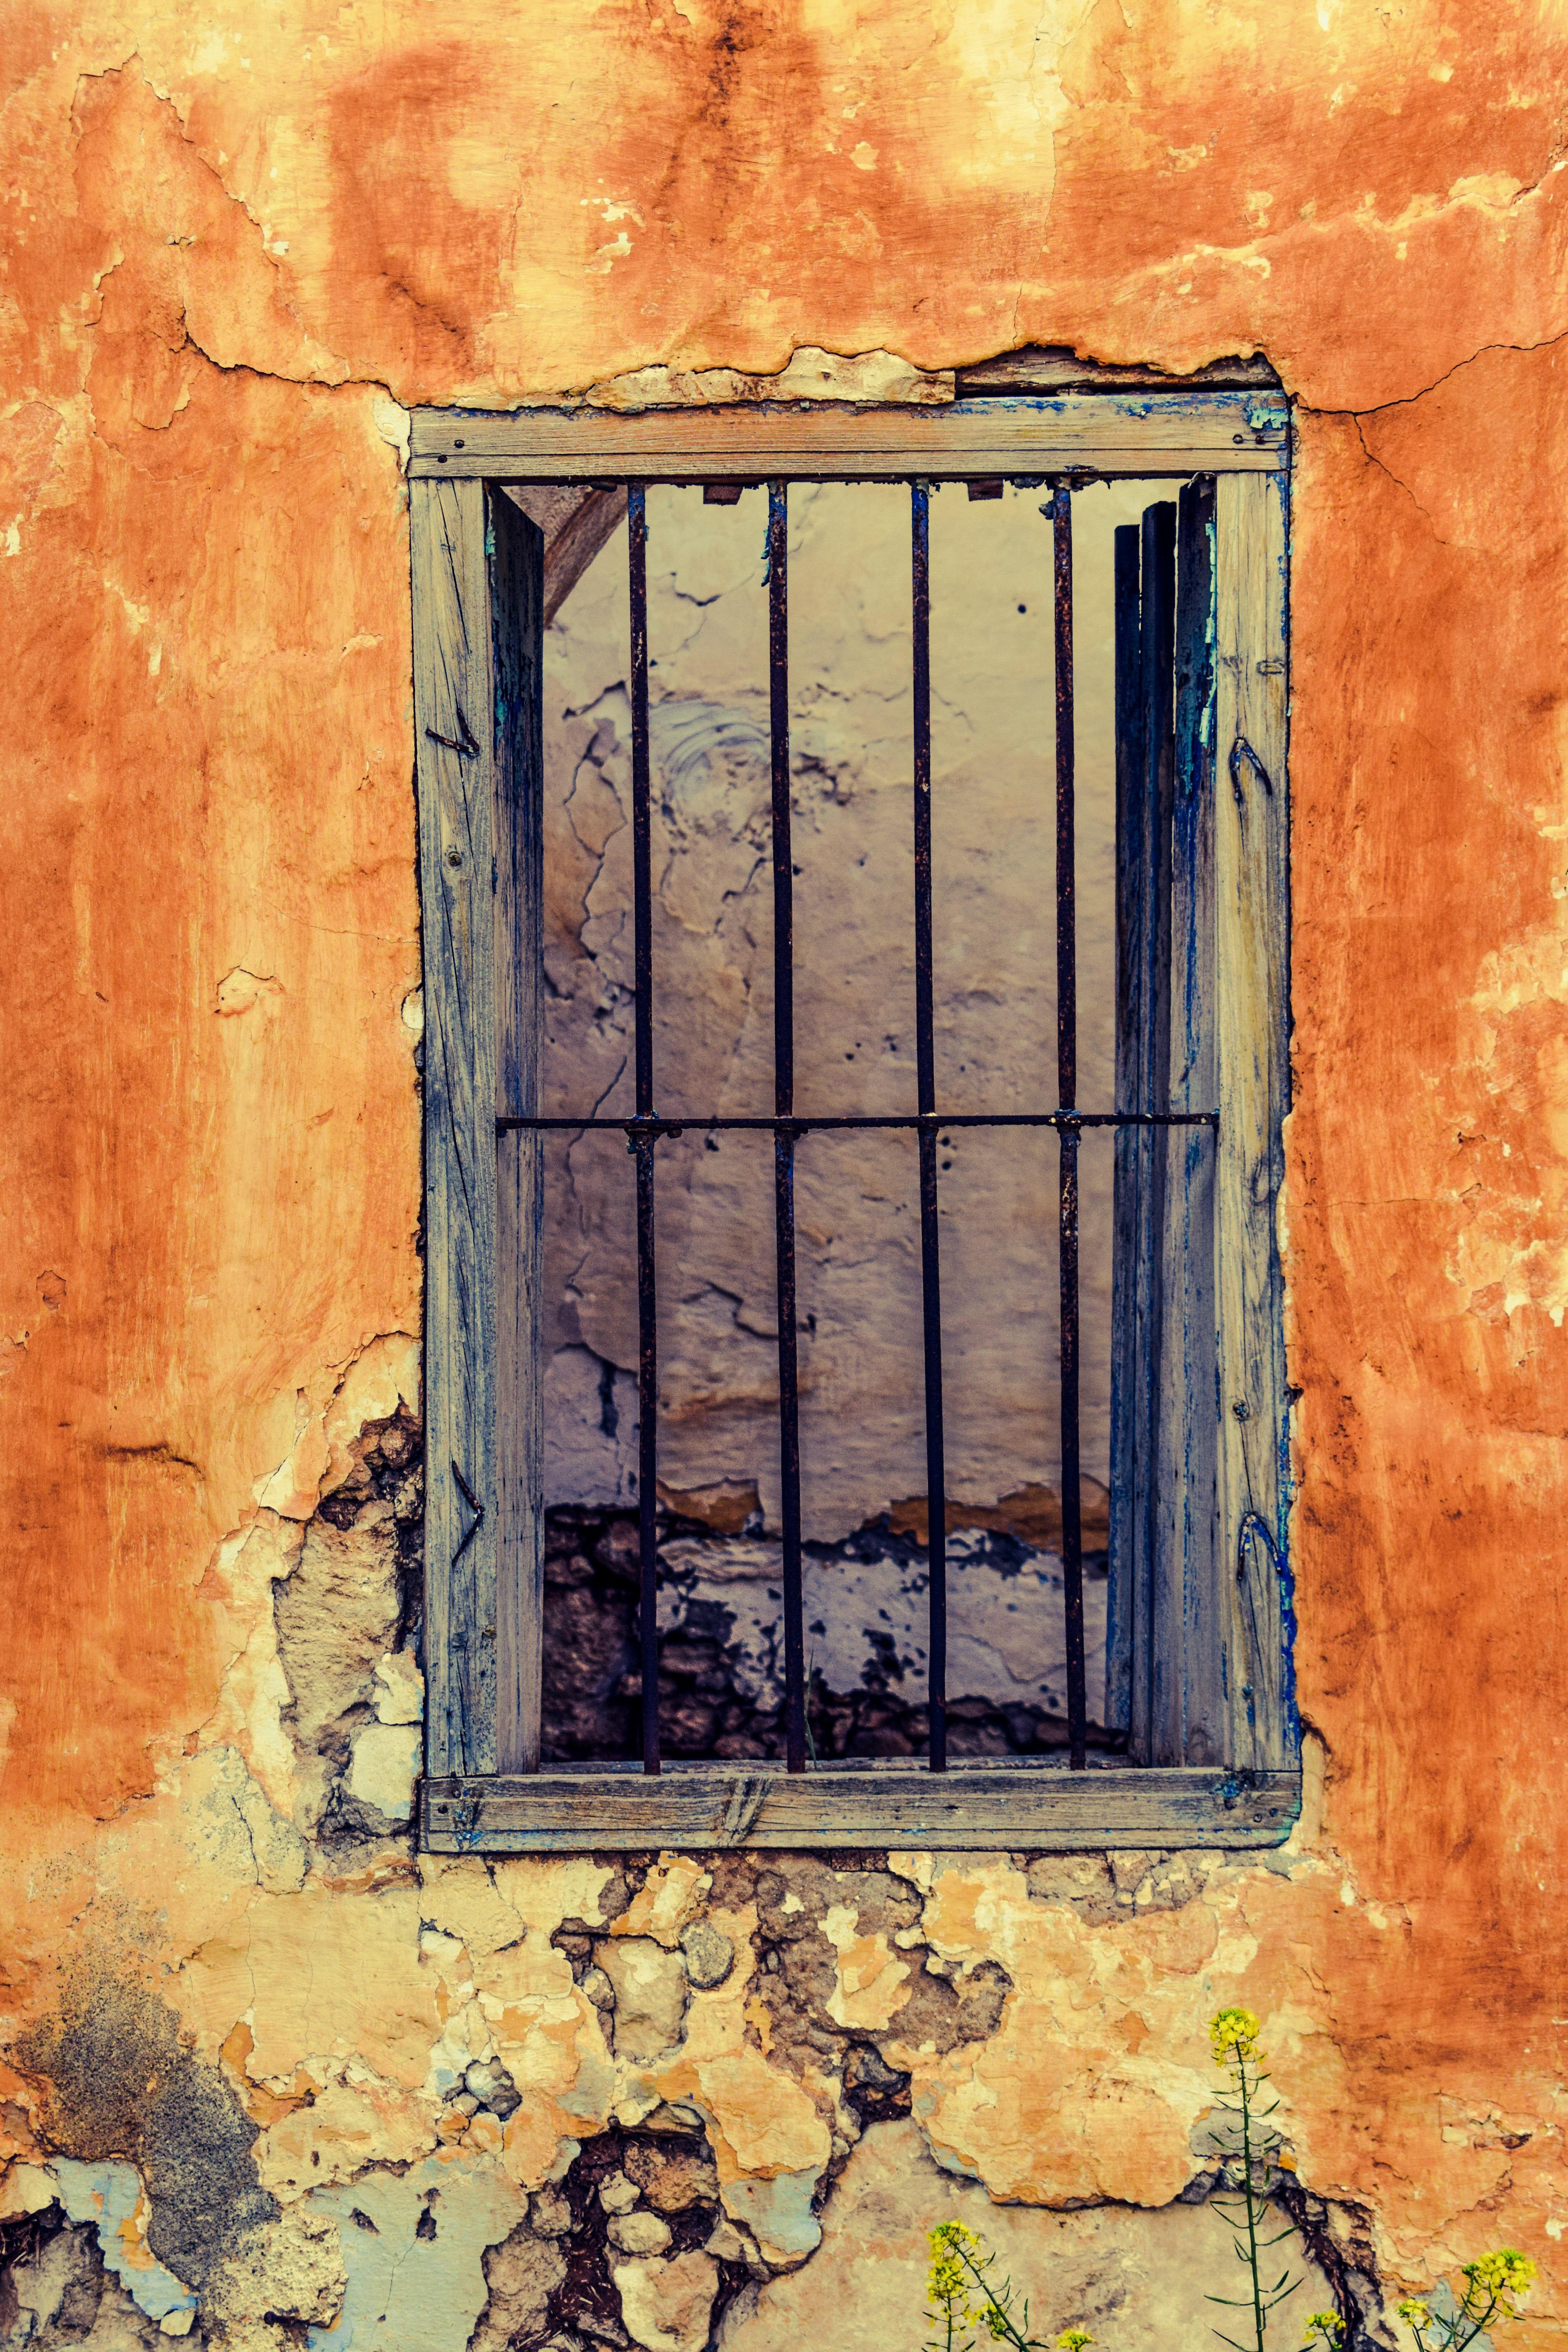 Images gratuites ciel texture fen tre mur fissure - Fissure facade maison ancienne ...